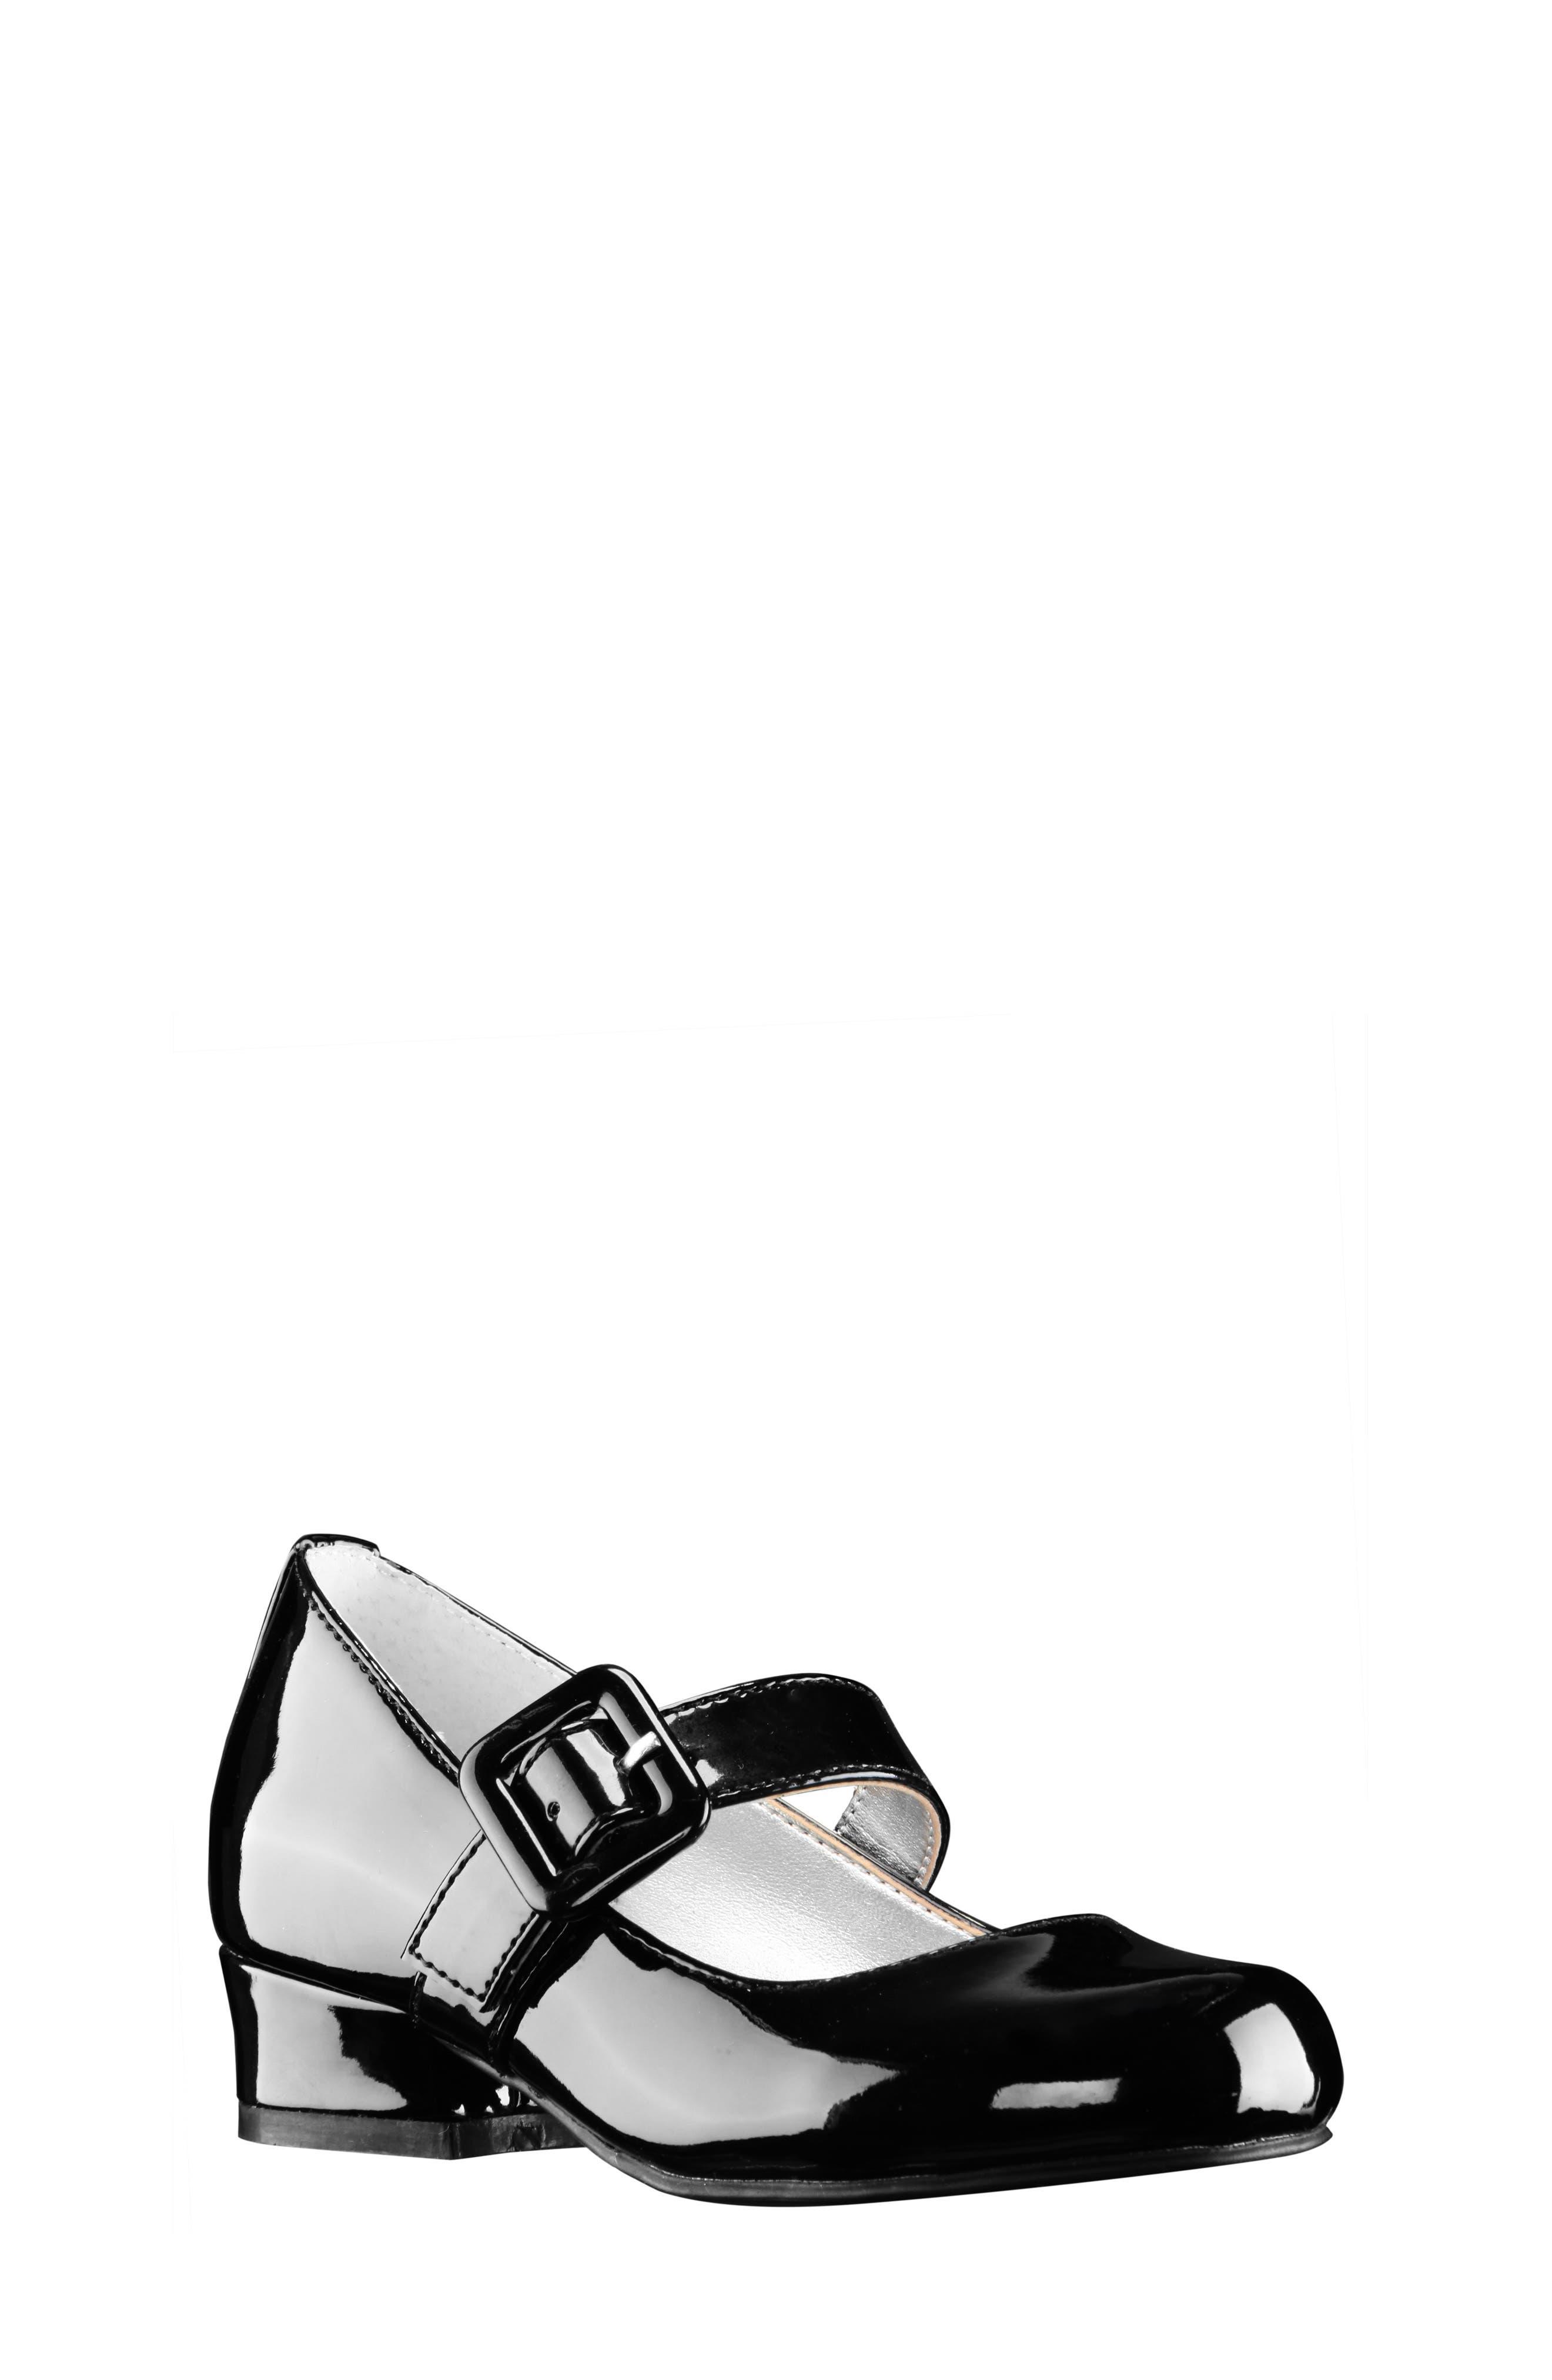 Toddler Girls Nina Juli Patent Mary Jane Pump Size 9 M  Black